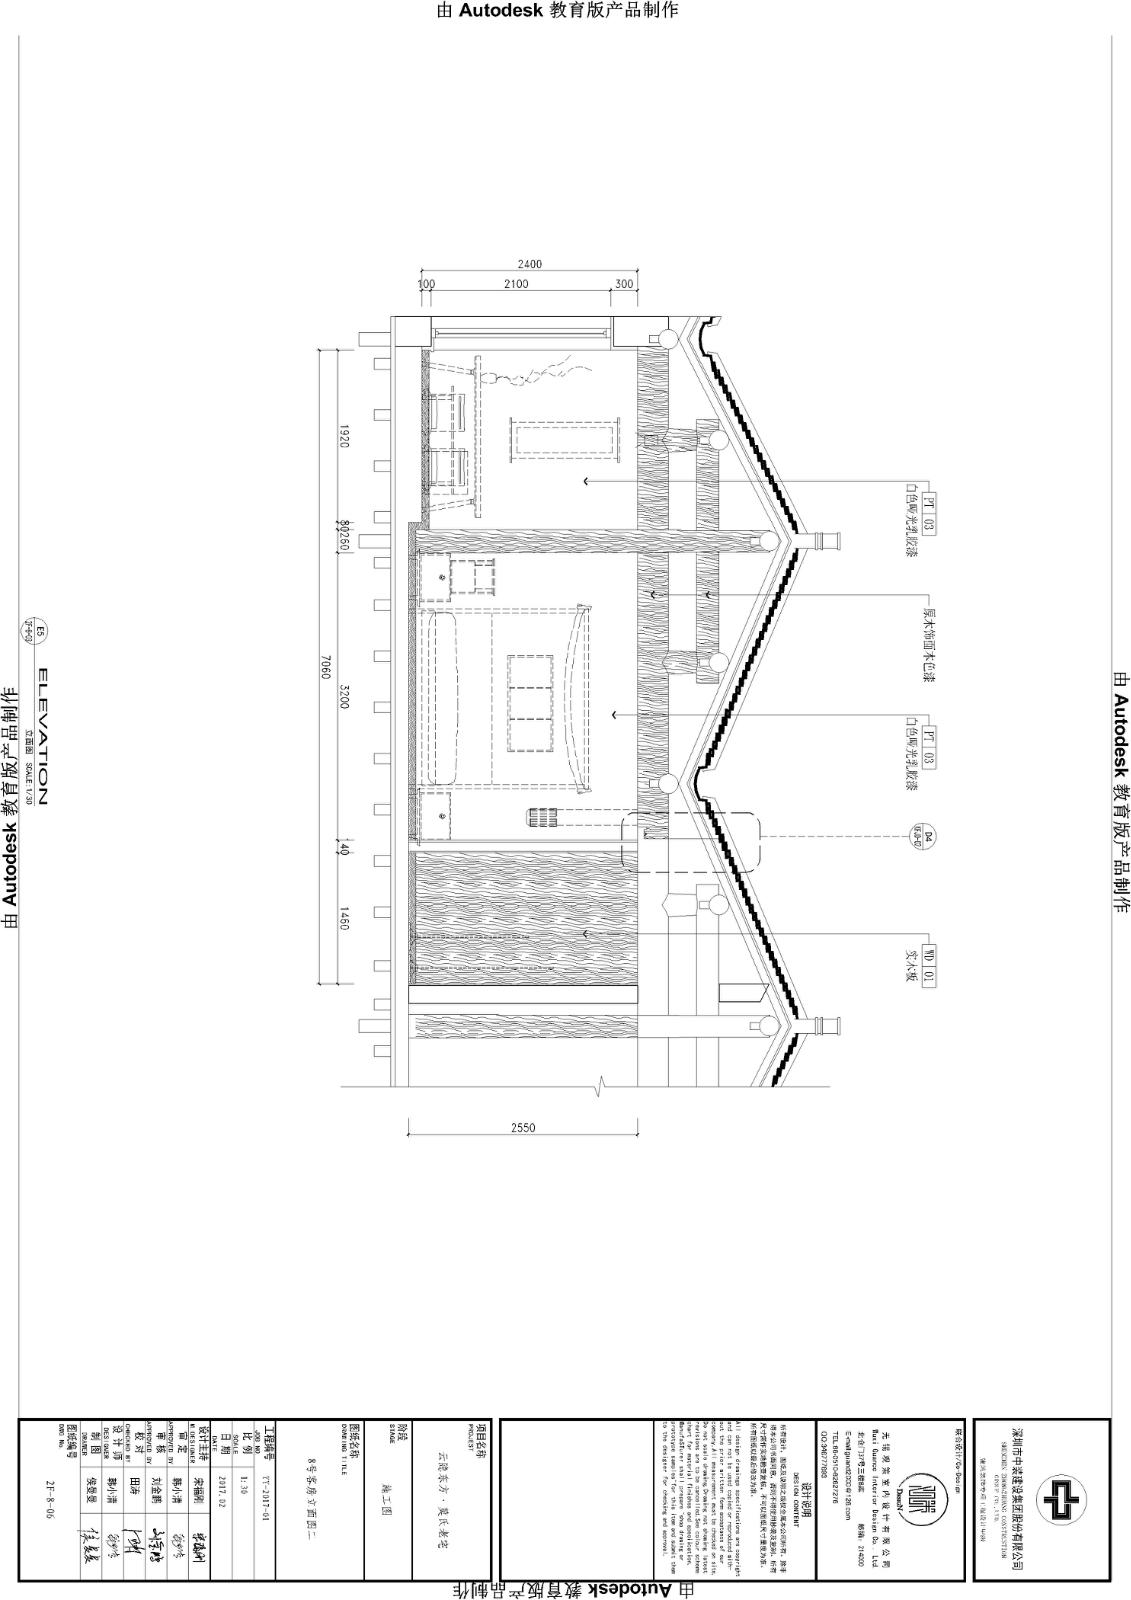 TechDrawing5 Shenzhen Zhongzhuang Construction Group Co.,LTD}